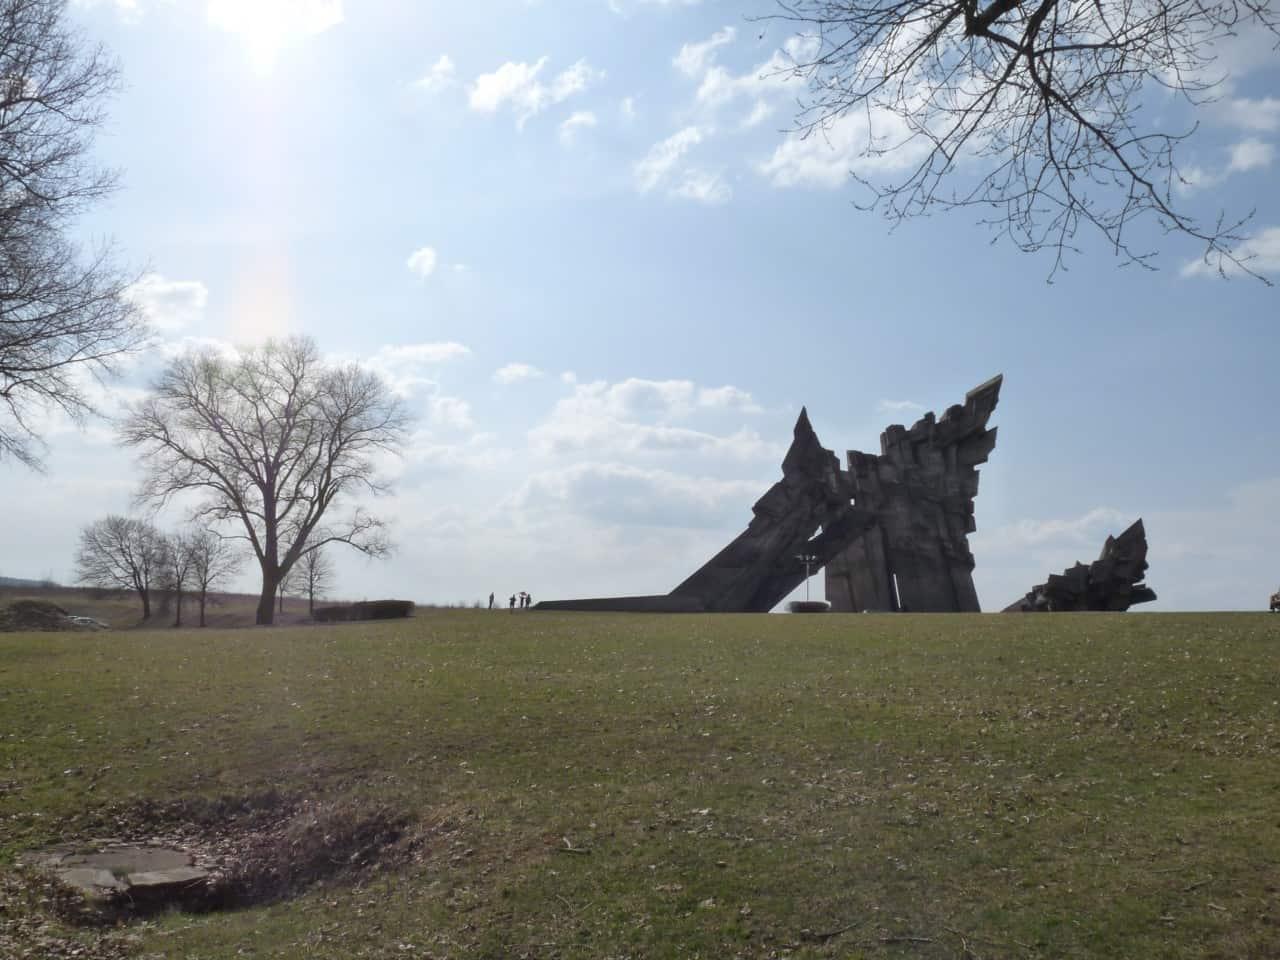 אנדרטת הפורט התשיעי בקובנה